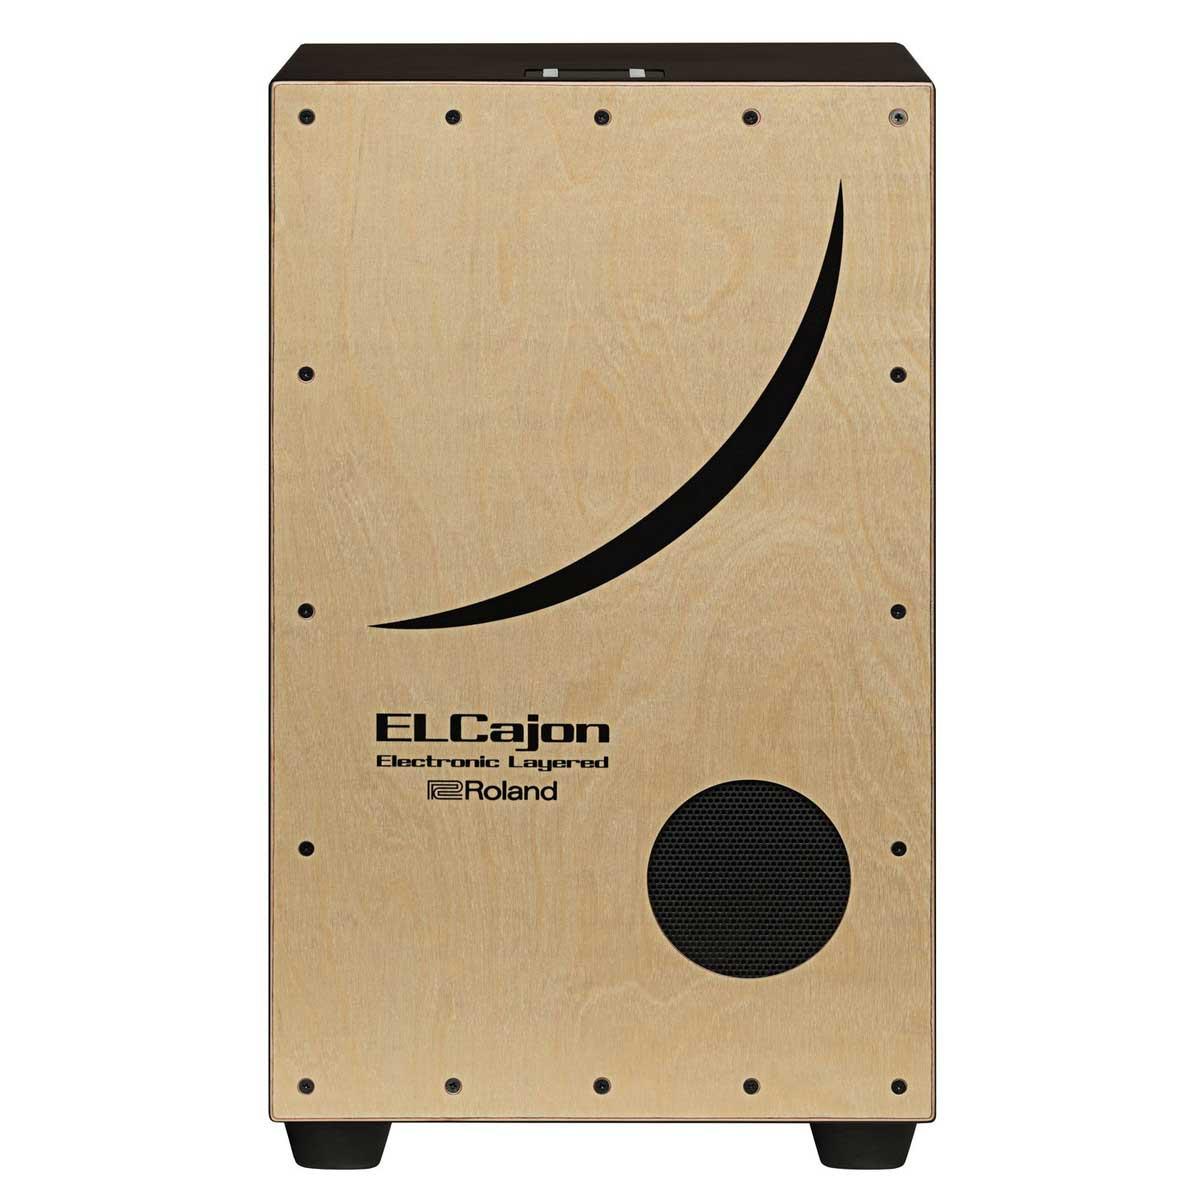 Roland EC-10 el-cajon